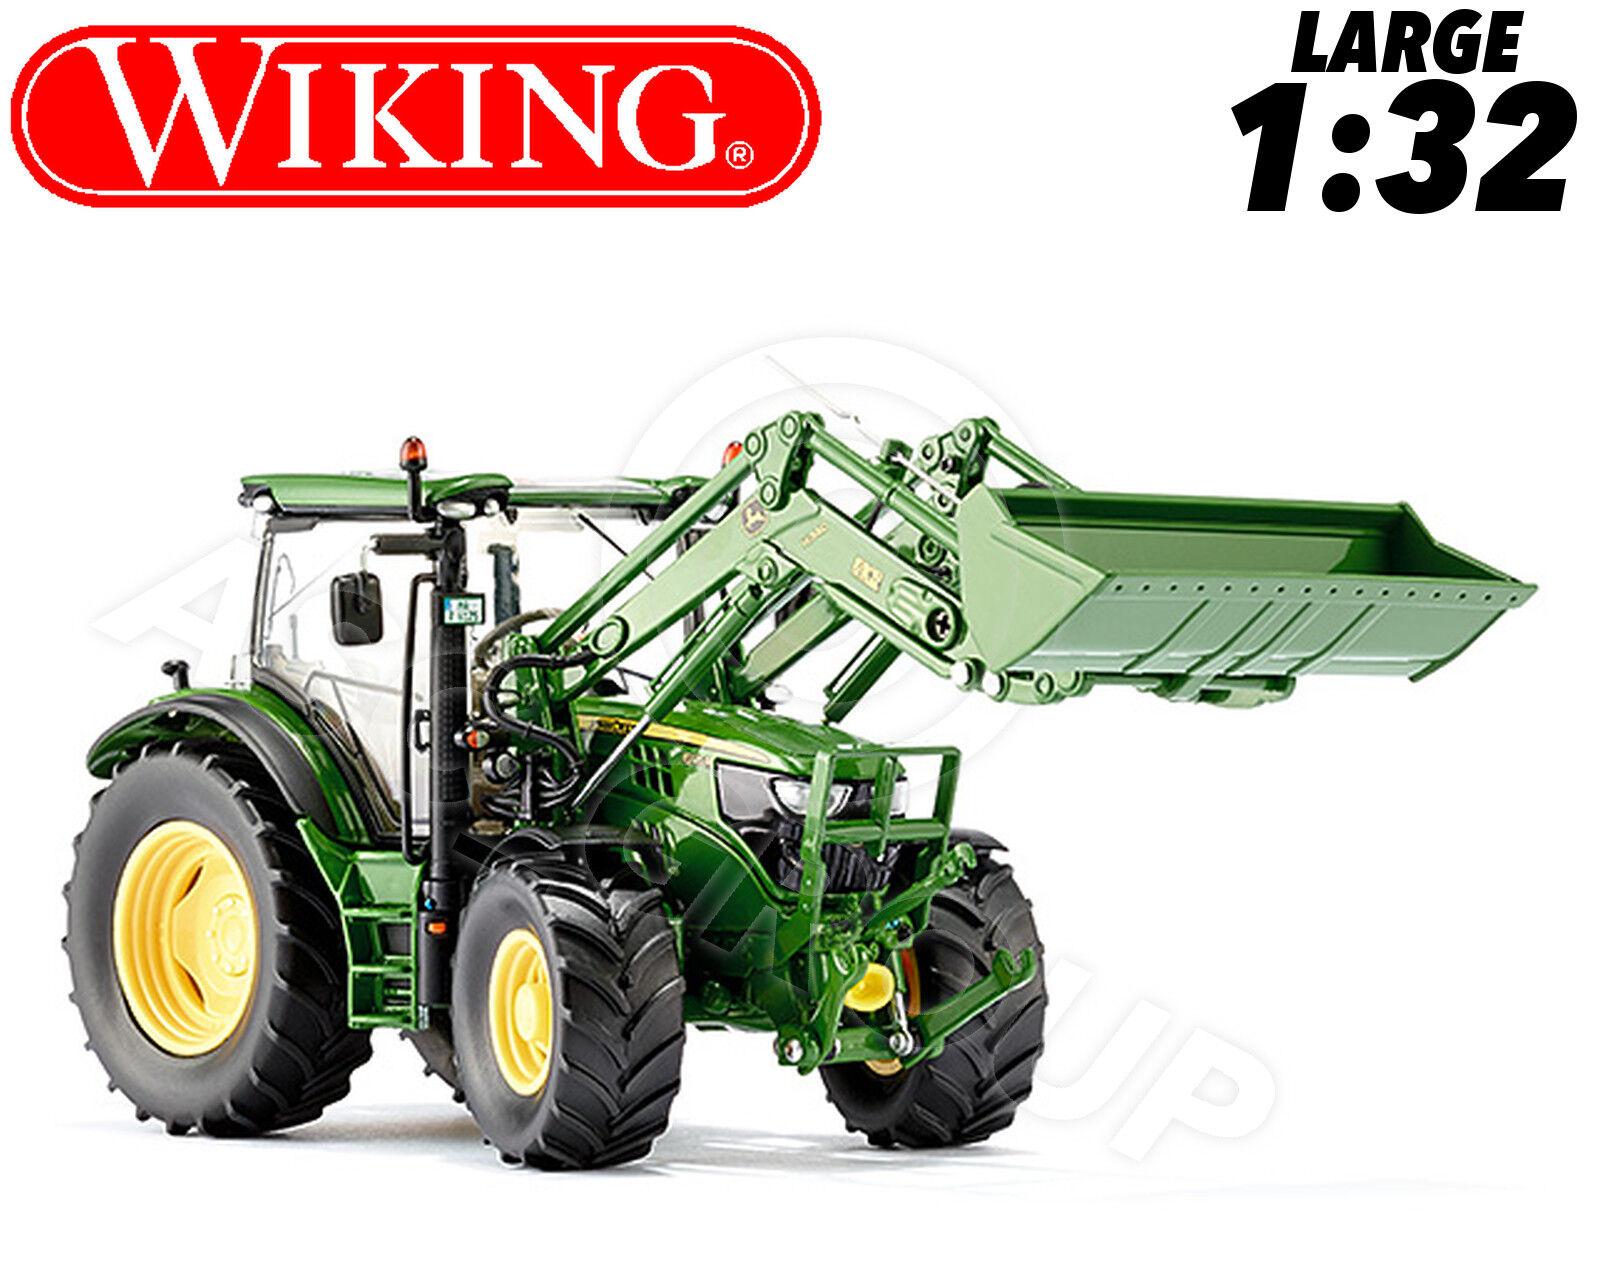 Wiking 077344 John Deere 6125 Trattore & FR Loader 1 32 COLLEZIONISTI pressofusione modello